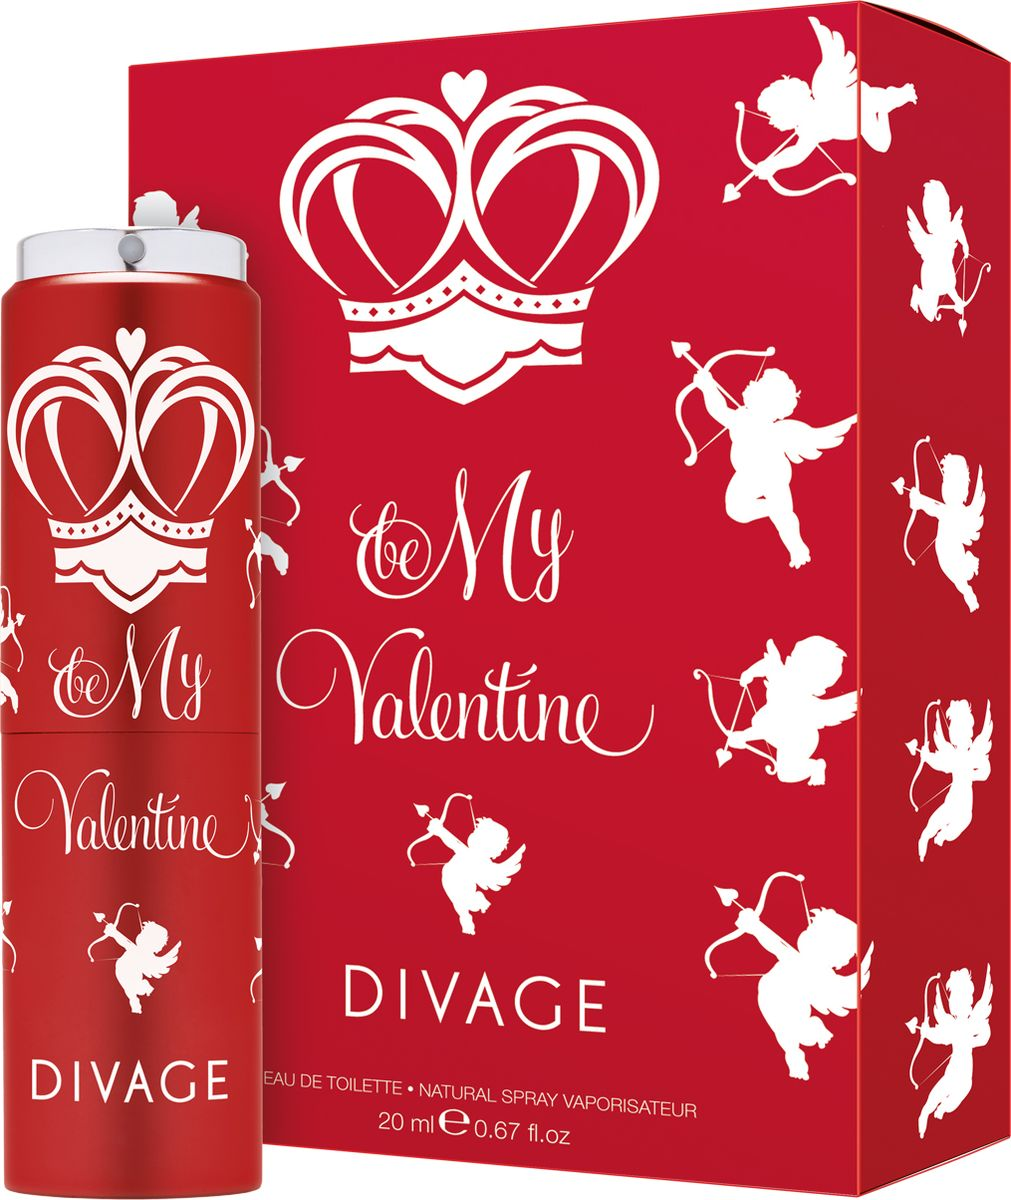 Divage Туалетная Вода Be my valentine 20 мл28032022Самая прекрасная история любви, воплощена в этом чувственном, цветочно-древесном аромате. Пленительный гальбанум, зеленый шипр, сладкий бархатный персик, роскошная и благоухающая белая роза плавно переплетаются с нежным мускусом и чувственным пачули и дарят настоящее романтическое настроение. Влюбляйся, целуй, будь невероятно женственной, обольстительной и привлекательной!